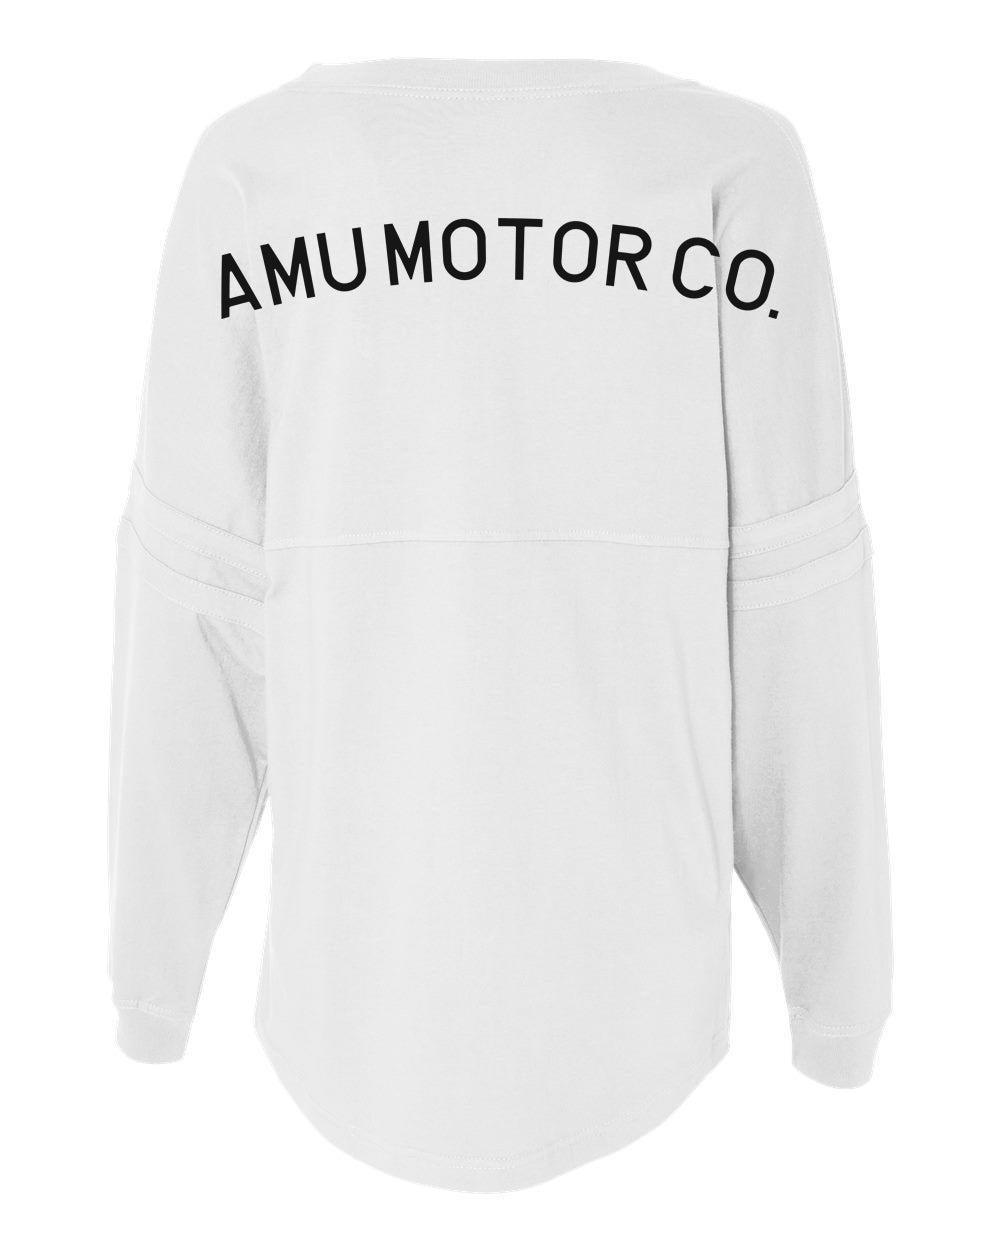 Image of AMU Motor Co. Spirit Jersey